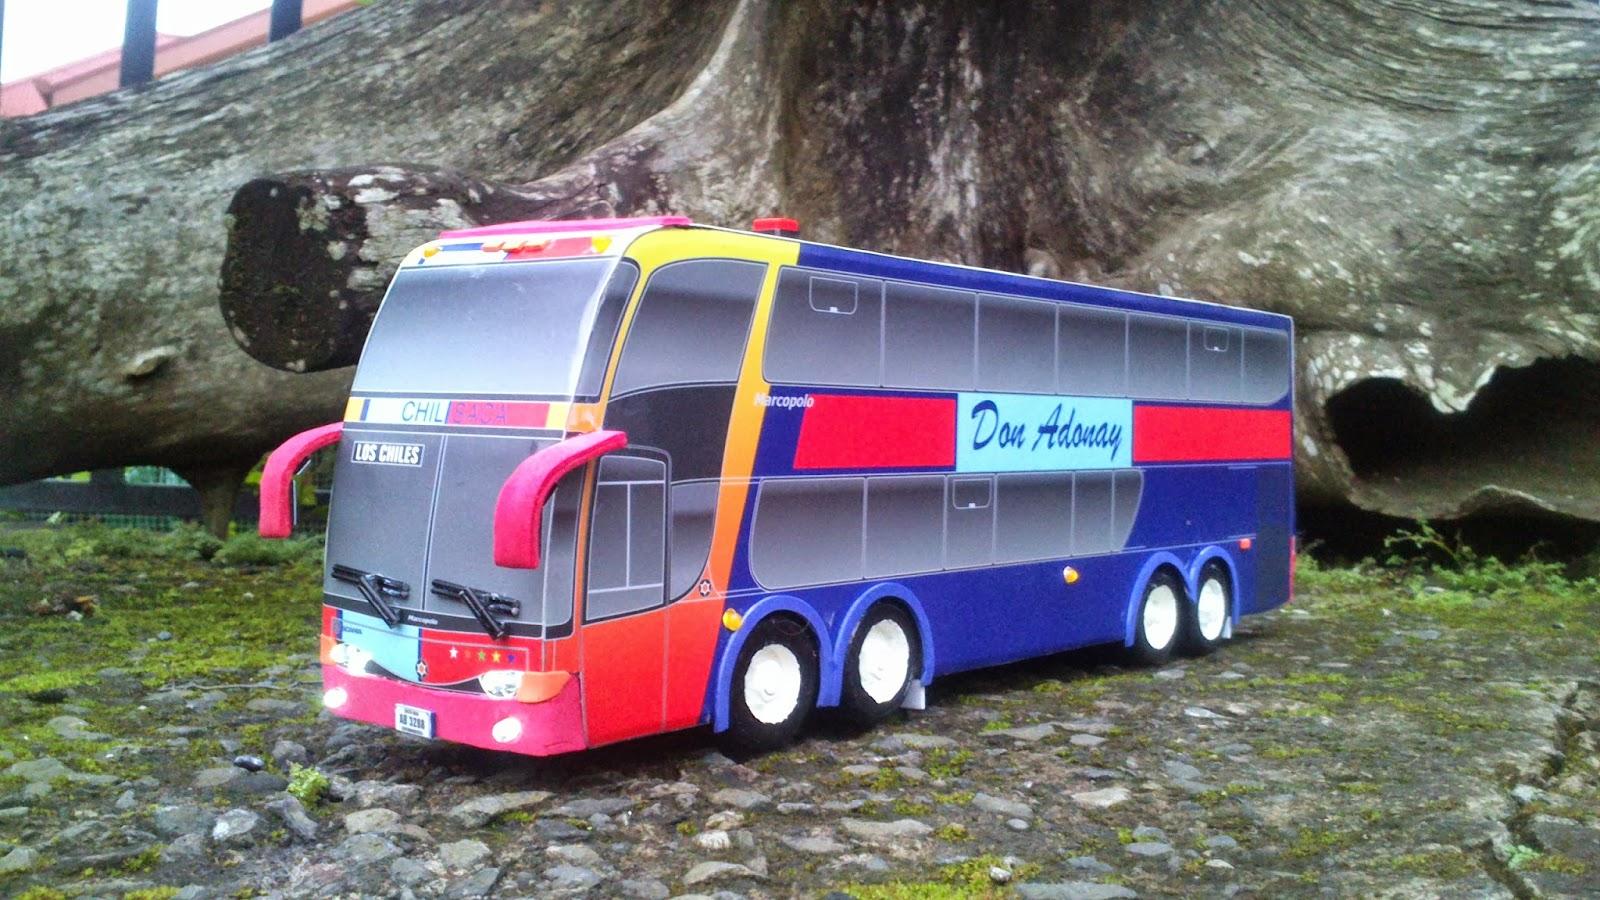 Autobuses a Escala: El 29, Don Adonay, Marcopolo Paradiso 1800DD G6 ...